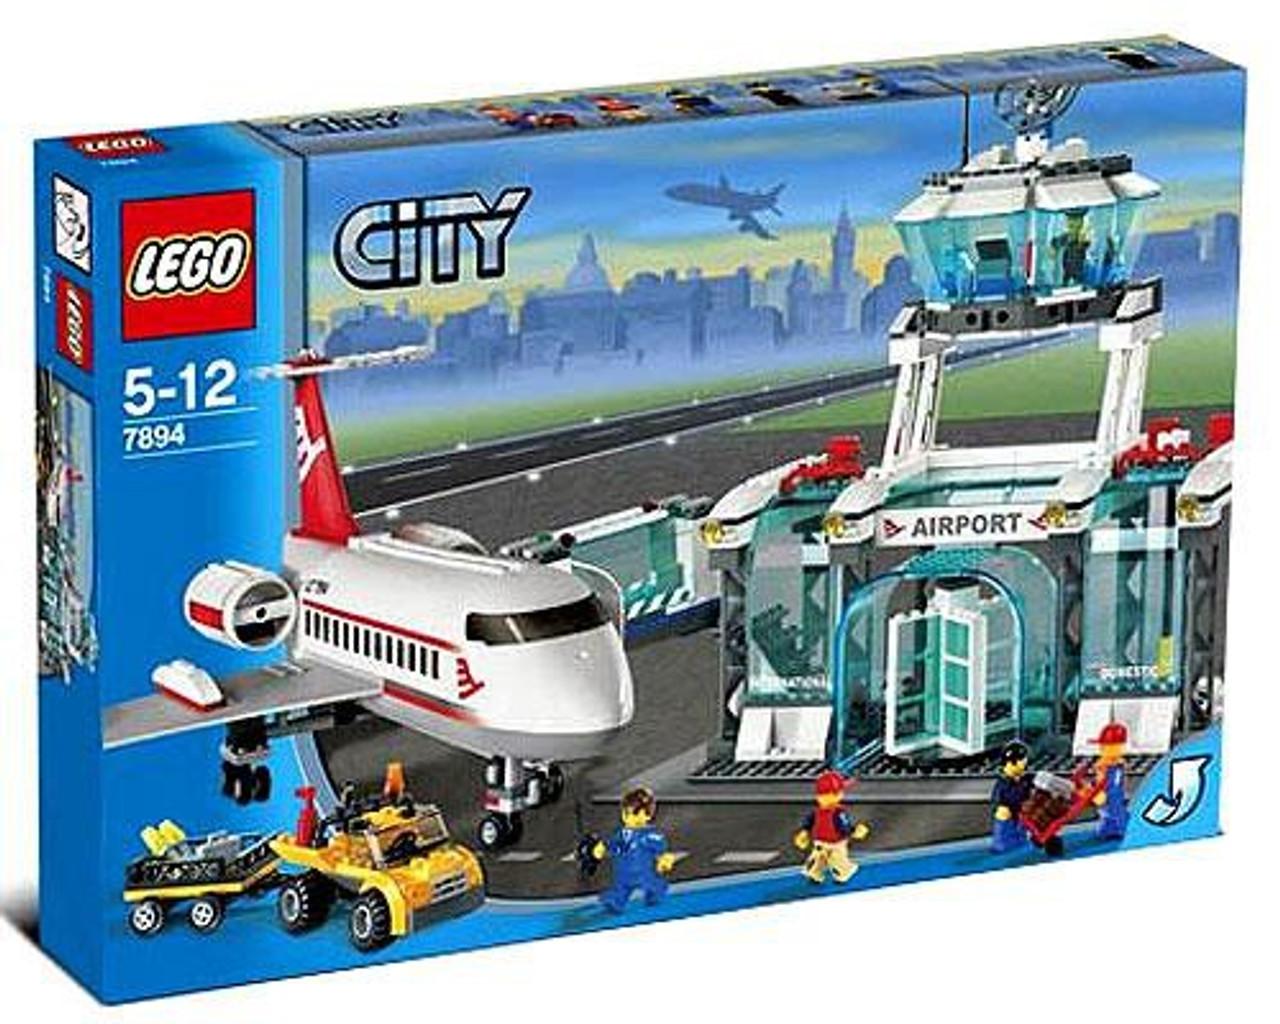 LEGO City Airport Set 7894 Damaged Package - ToyWiz